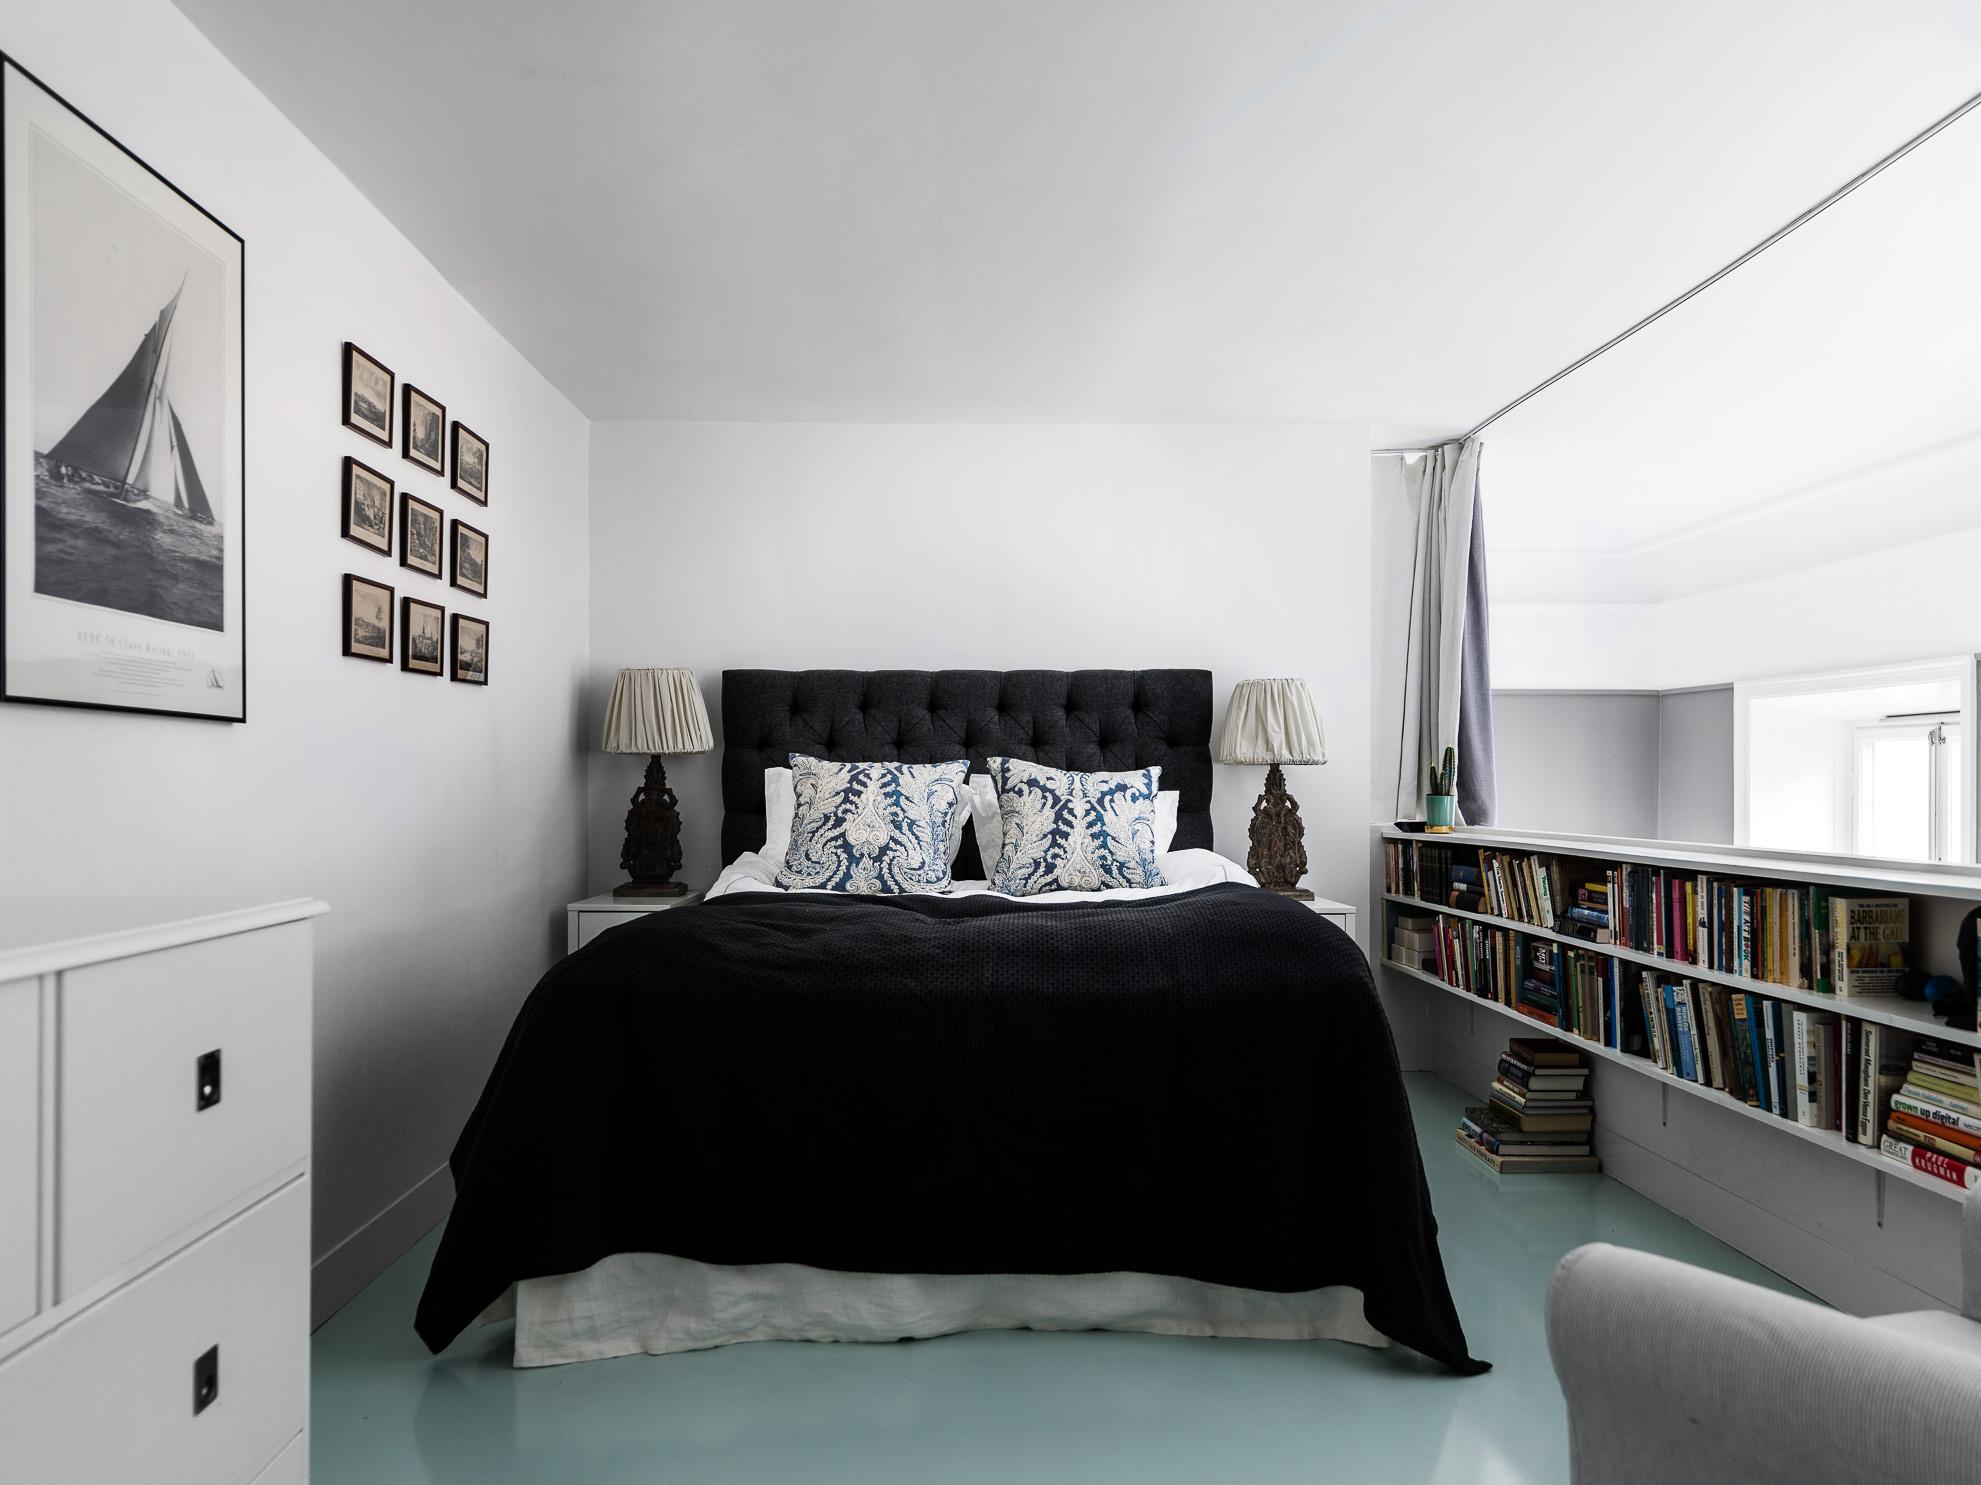 Vide slaapkamer in een Scandinavisch appartement | Slaapkamer ideeën